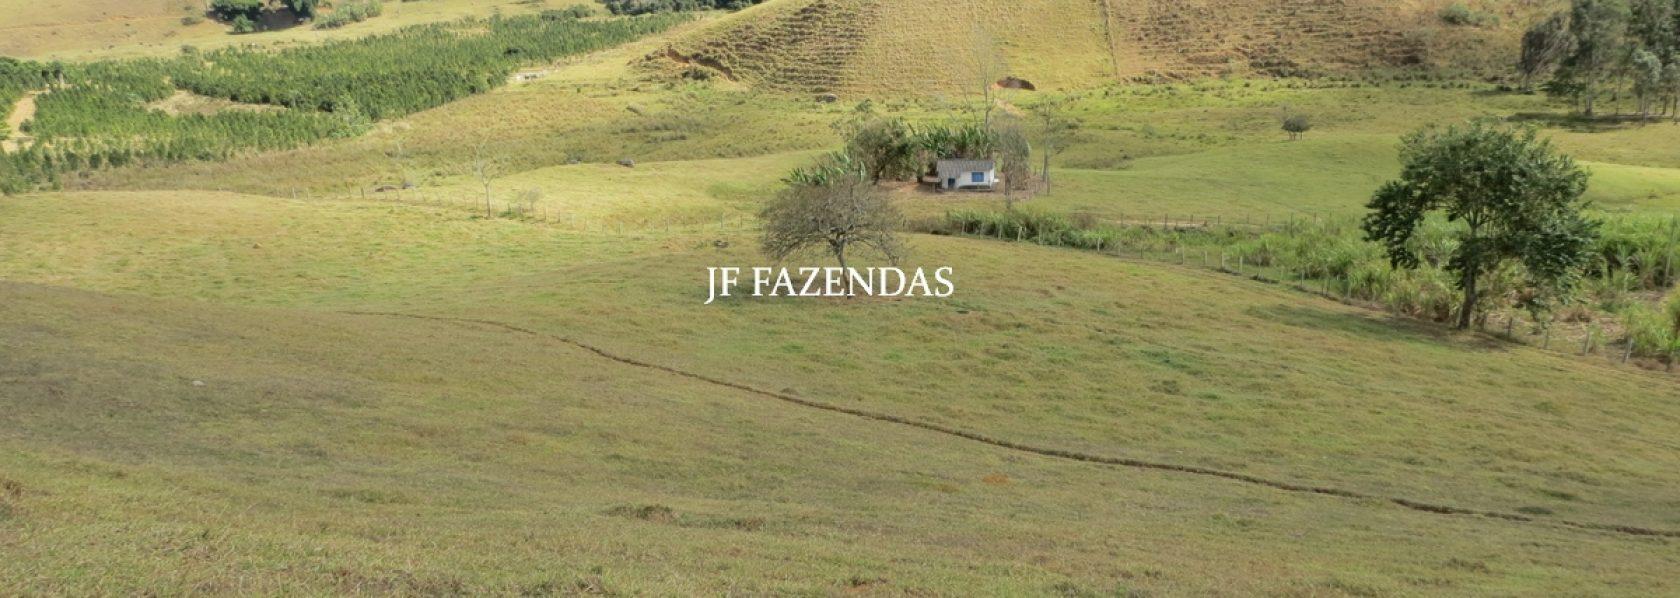 Sitio em Bicas – MG – 34.90.05 Hectares